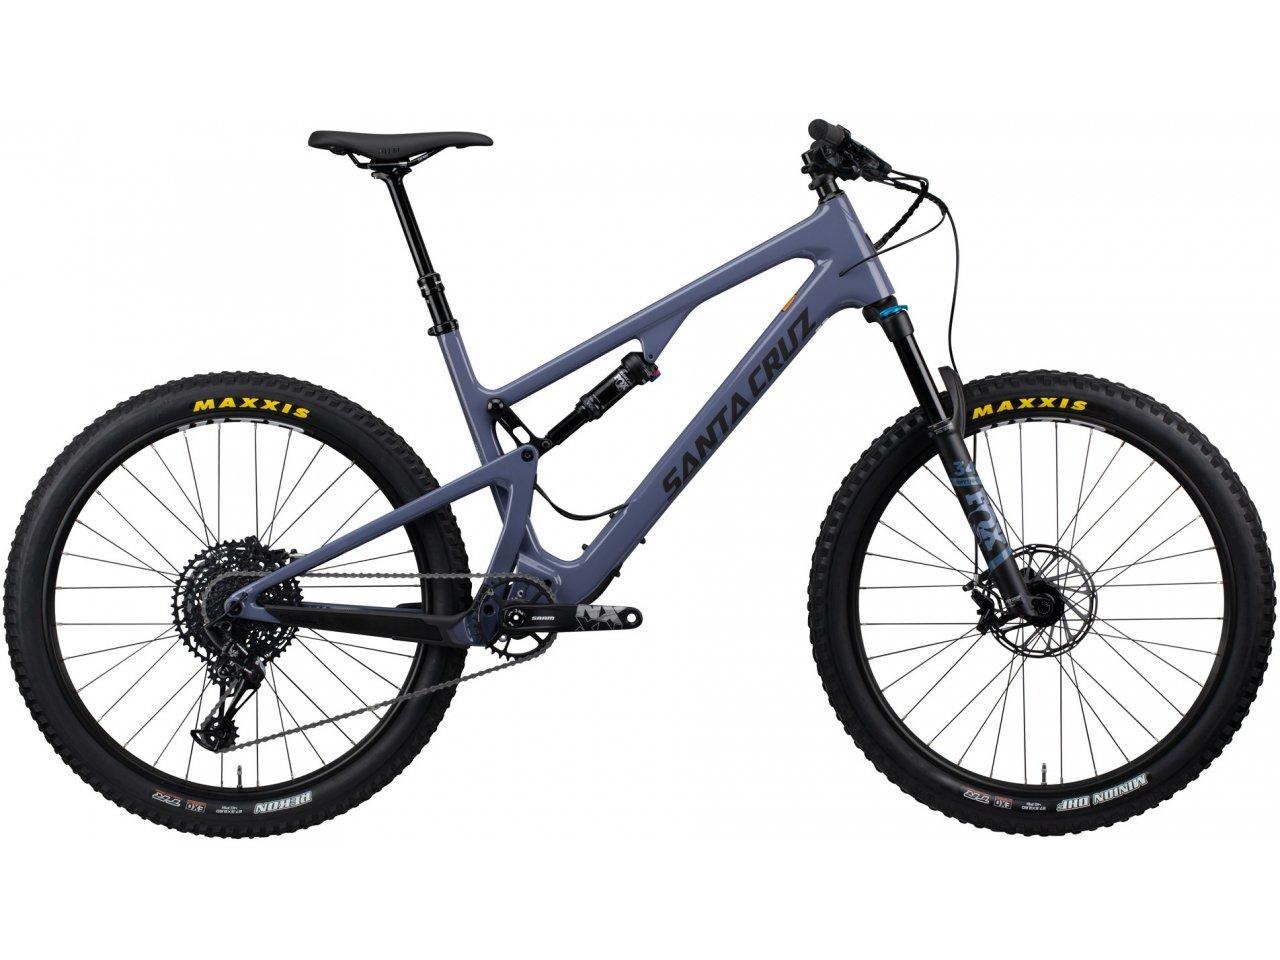 MTB Santa Cruz 5010 3 C R-KIT 27,5+ (Carbon/Eagle NX/13,67kg) - 2018 (XL)